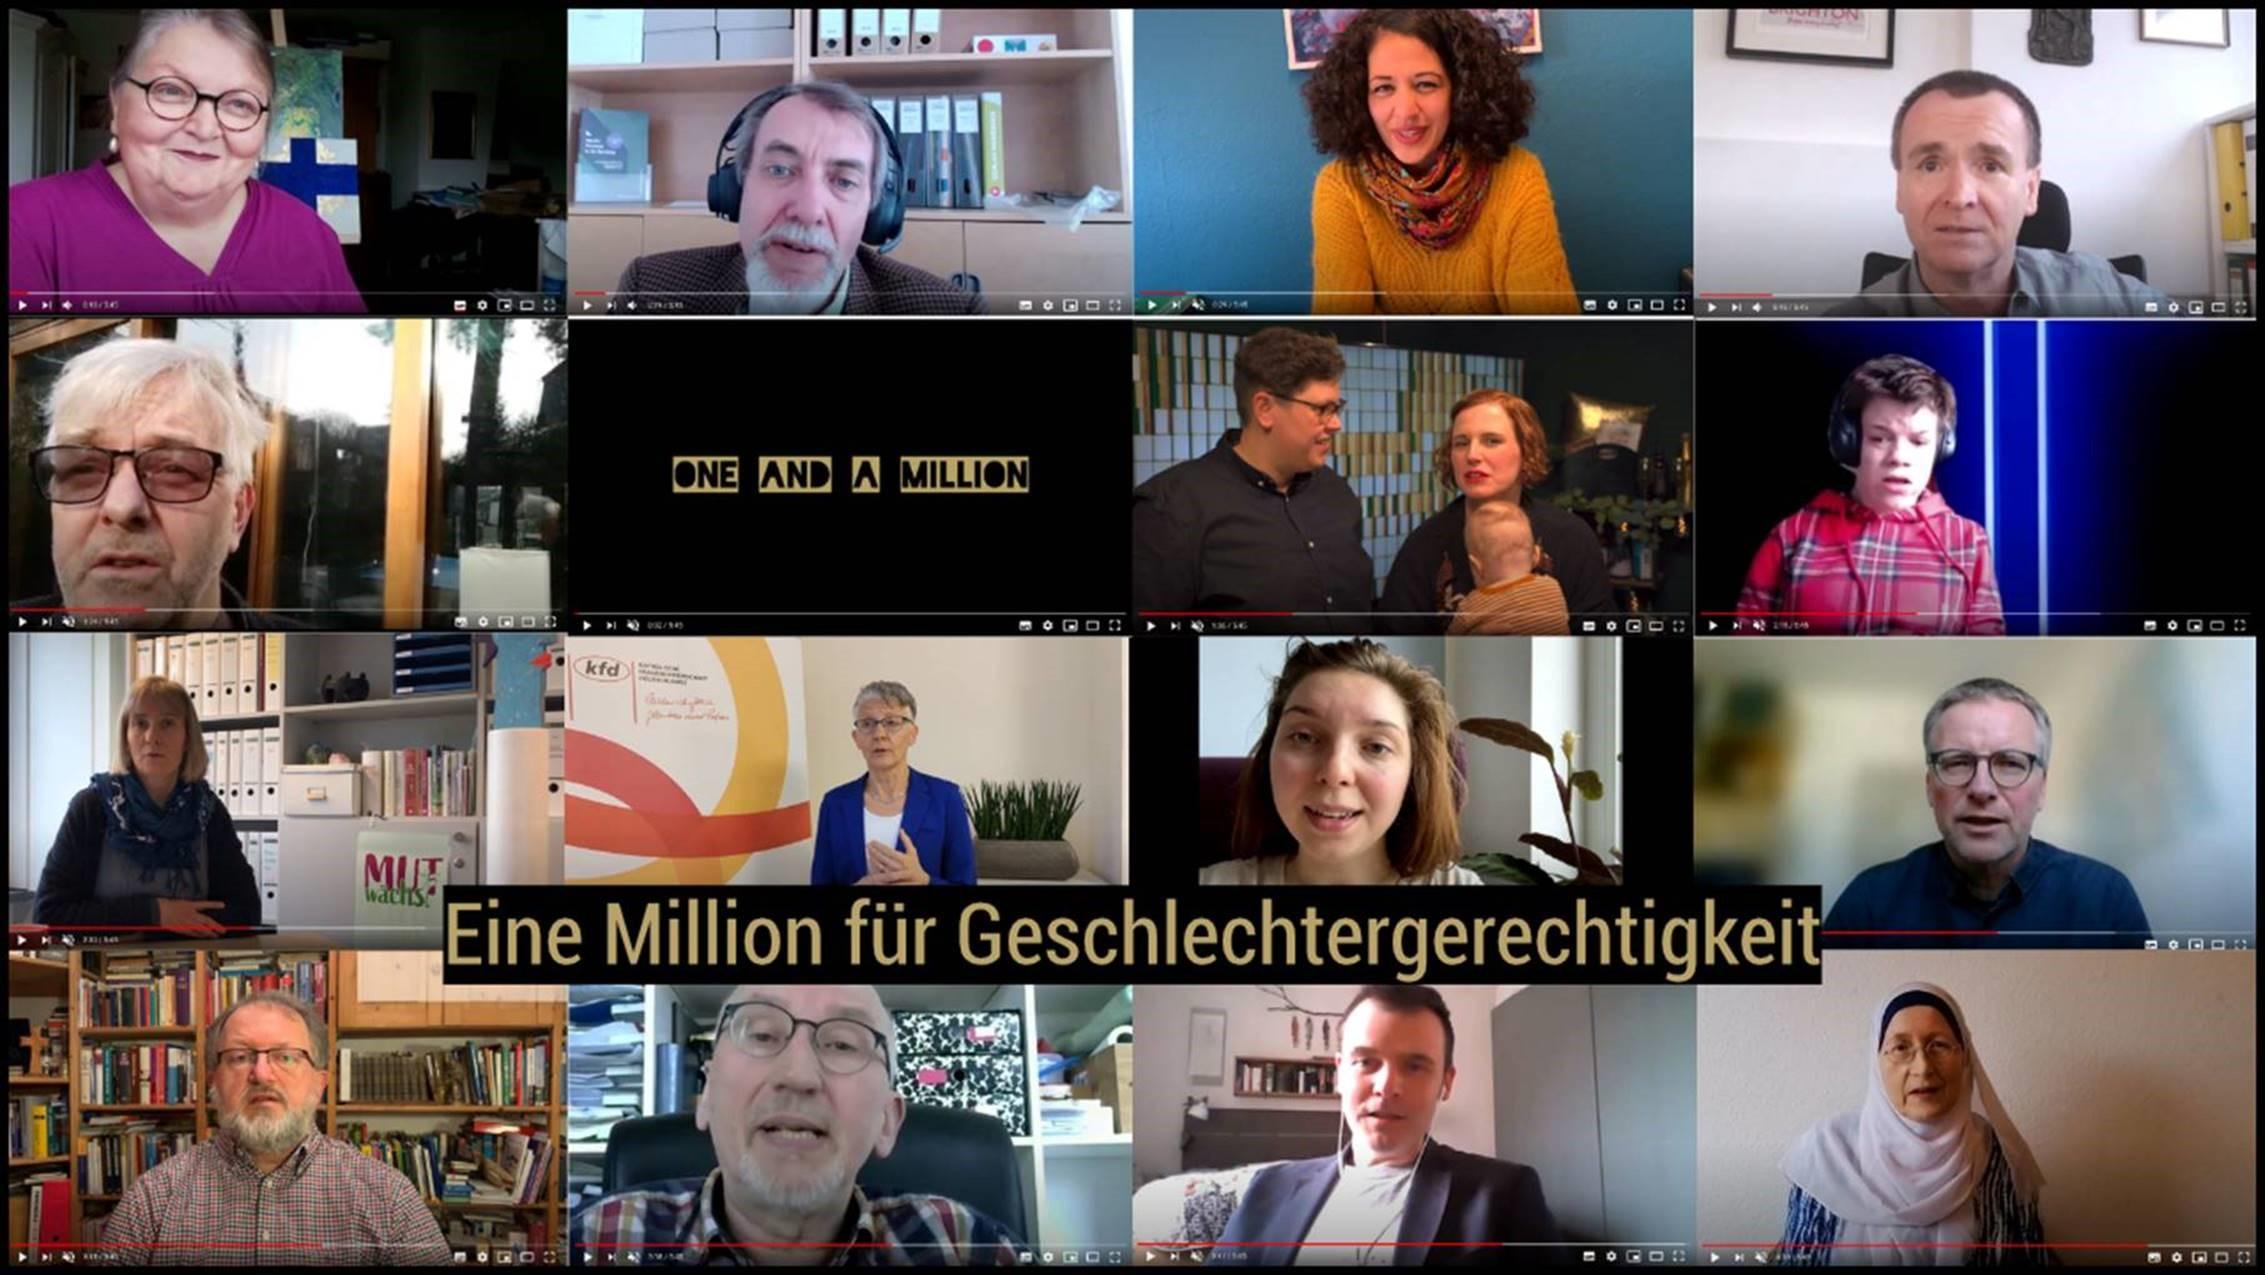 Eine Million für die Geschlechtergerechtigkeit